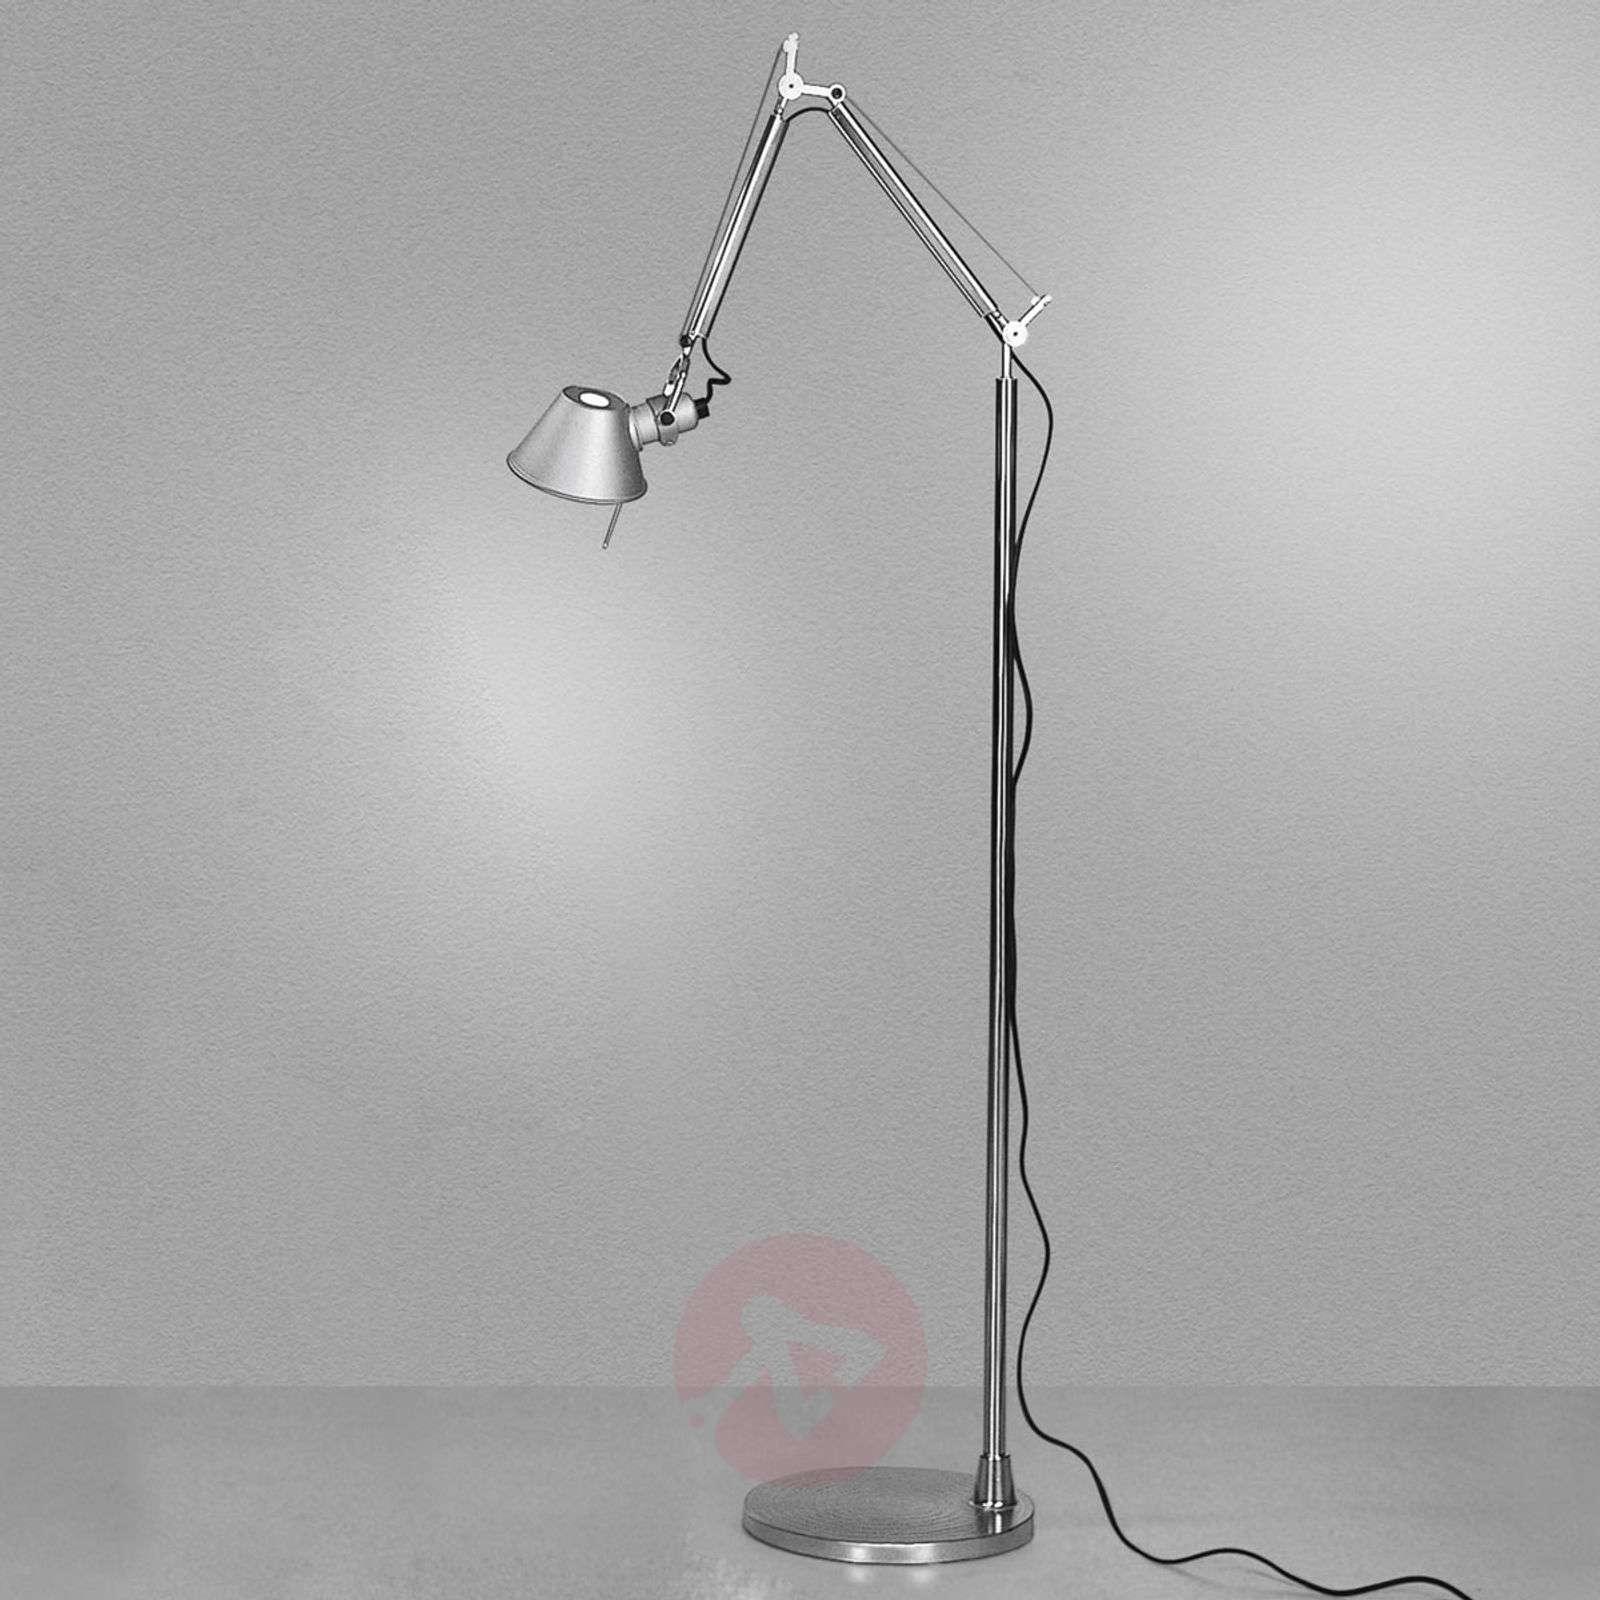 Minimalistinen design-lattiavalaisin Tolomeo Micro